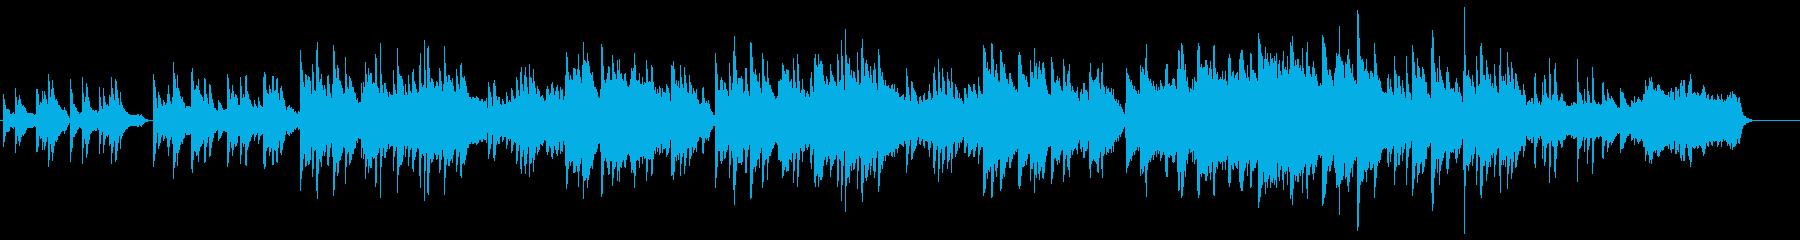 ブライダルなセンチメンタルピアノバラードの再生済みの波形